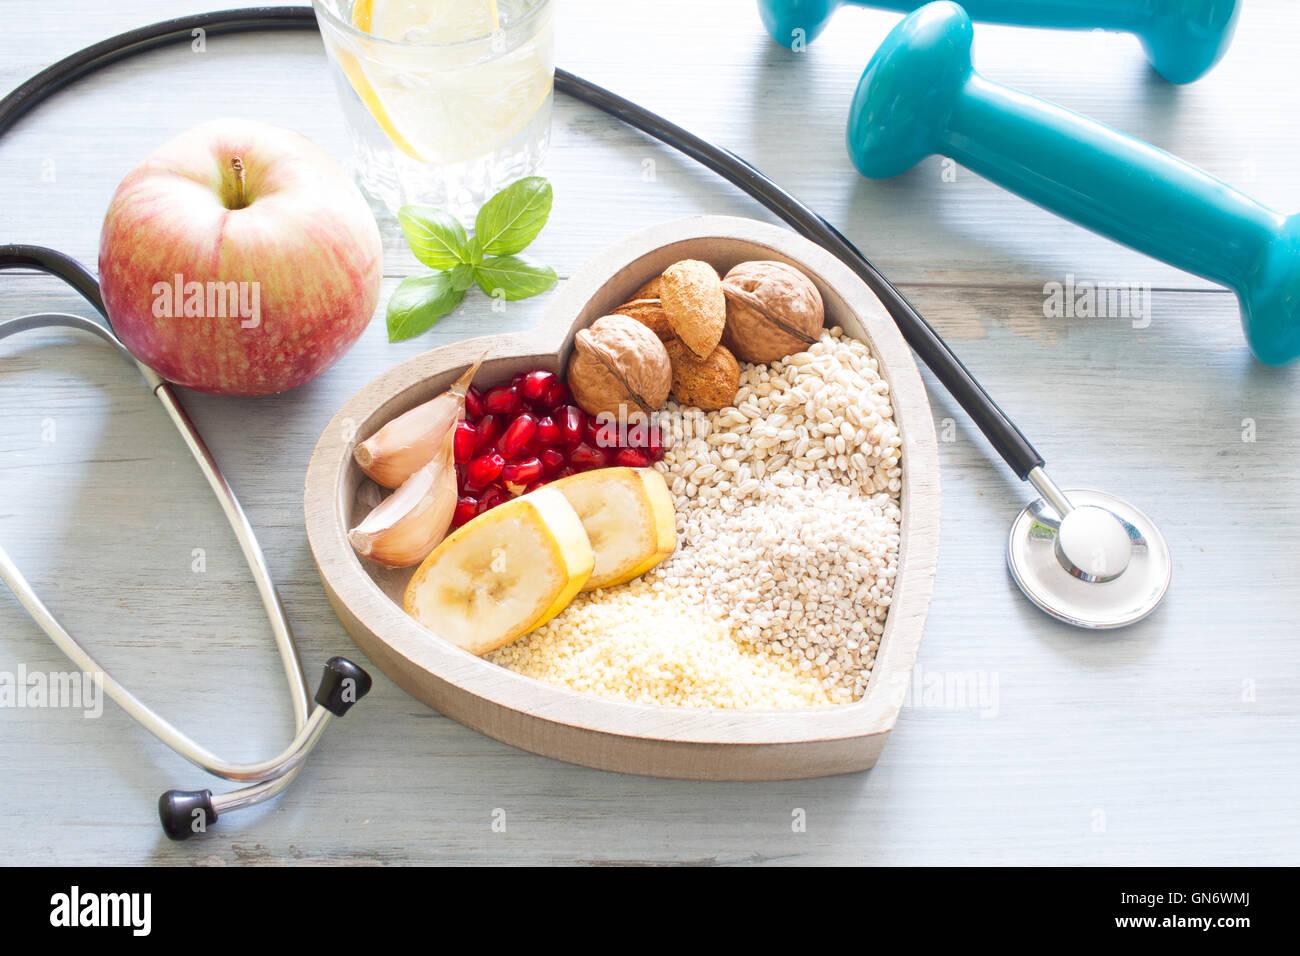 Gesunde Ernahrung In Herz Und Wasser Diat Sport Lifestyle Konzept